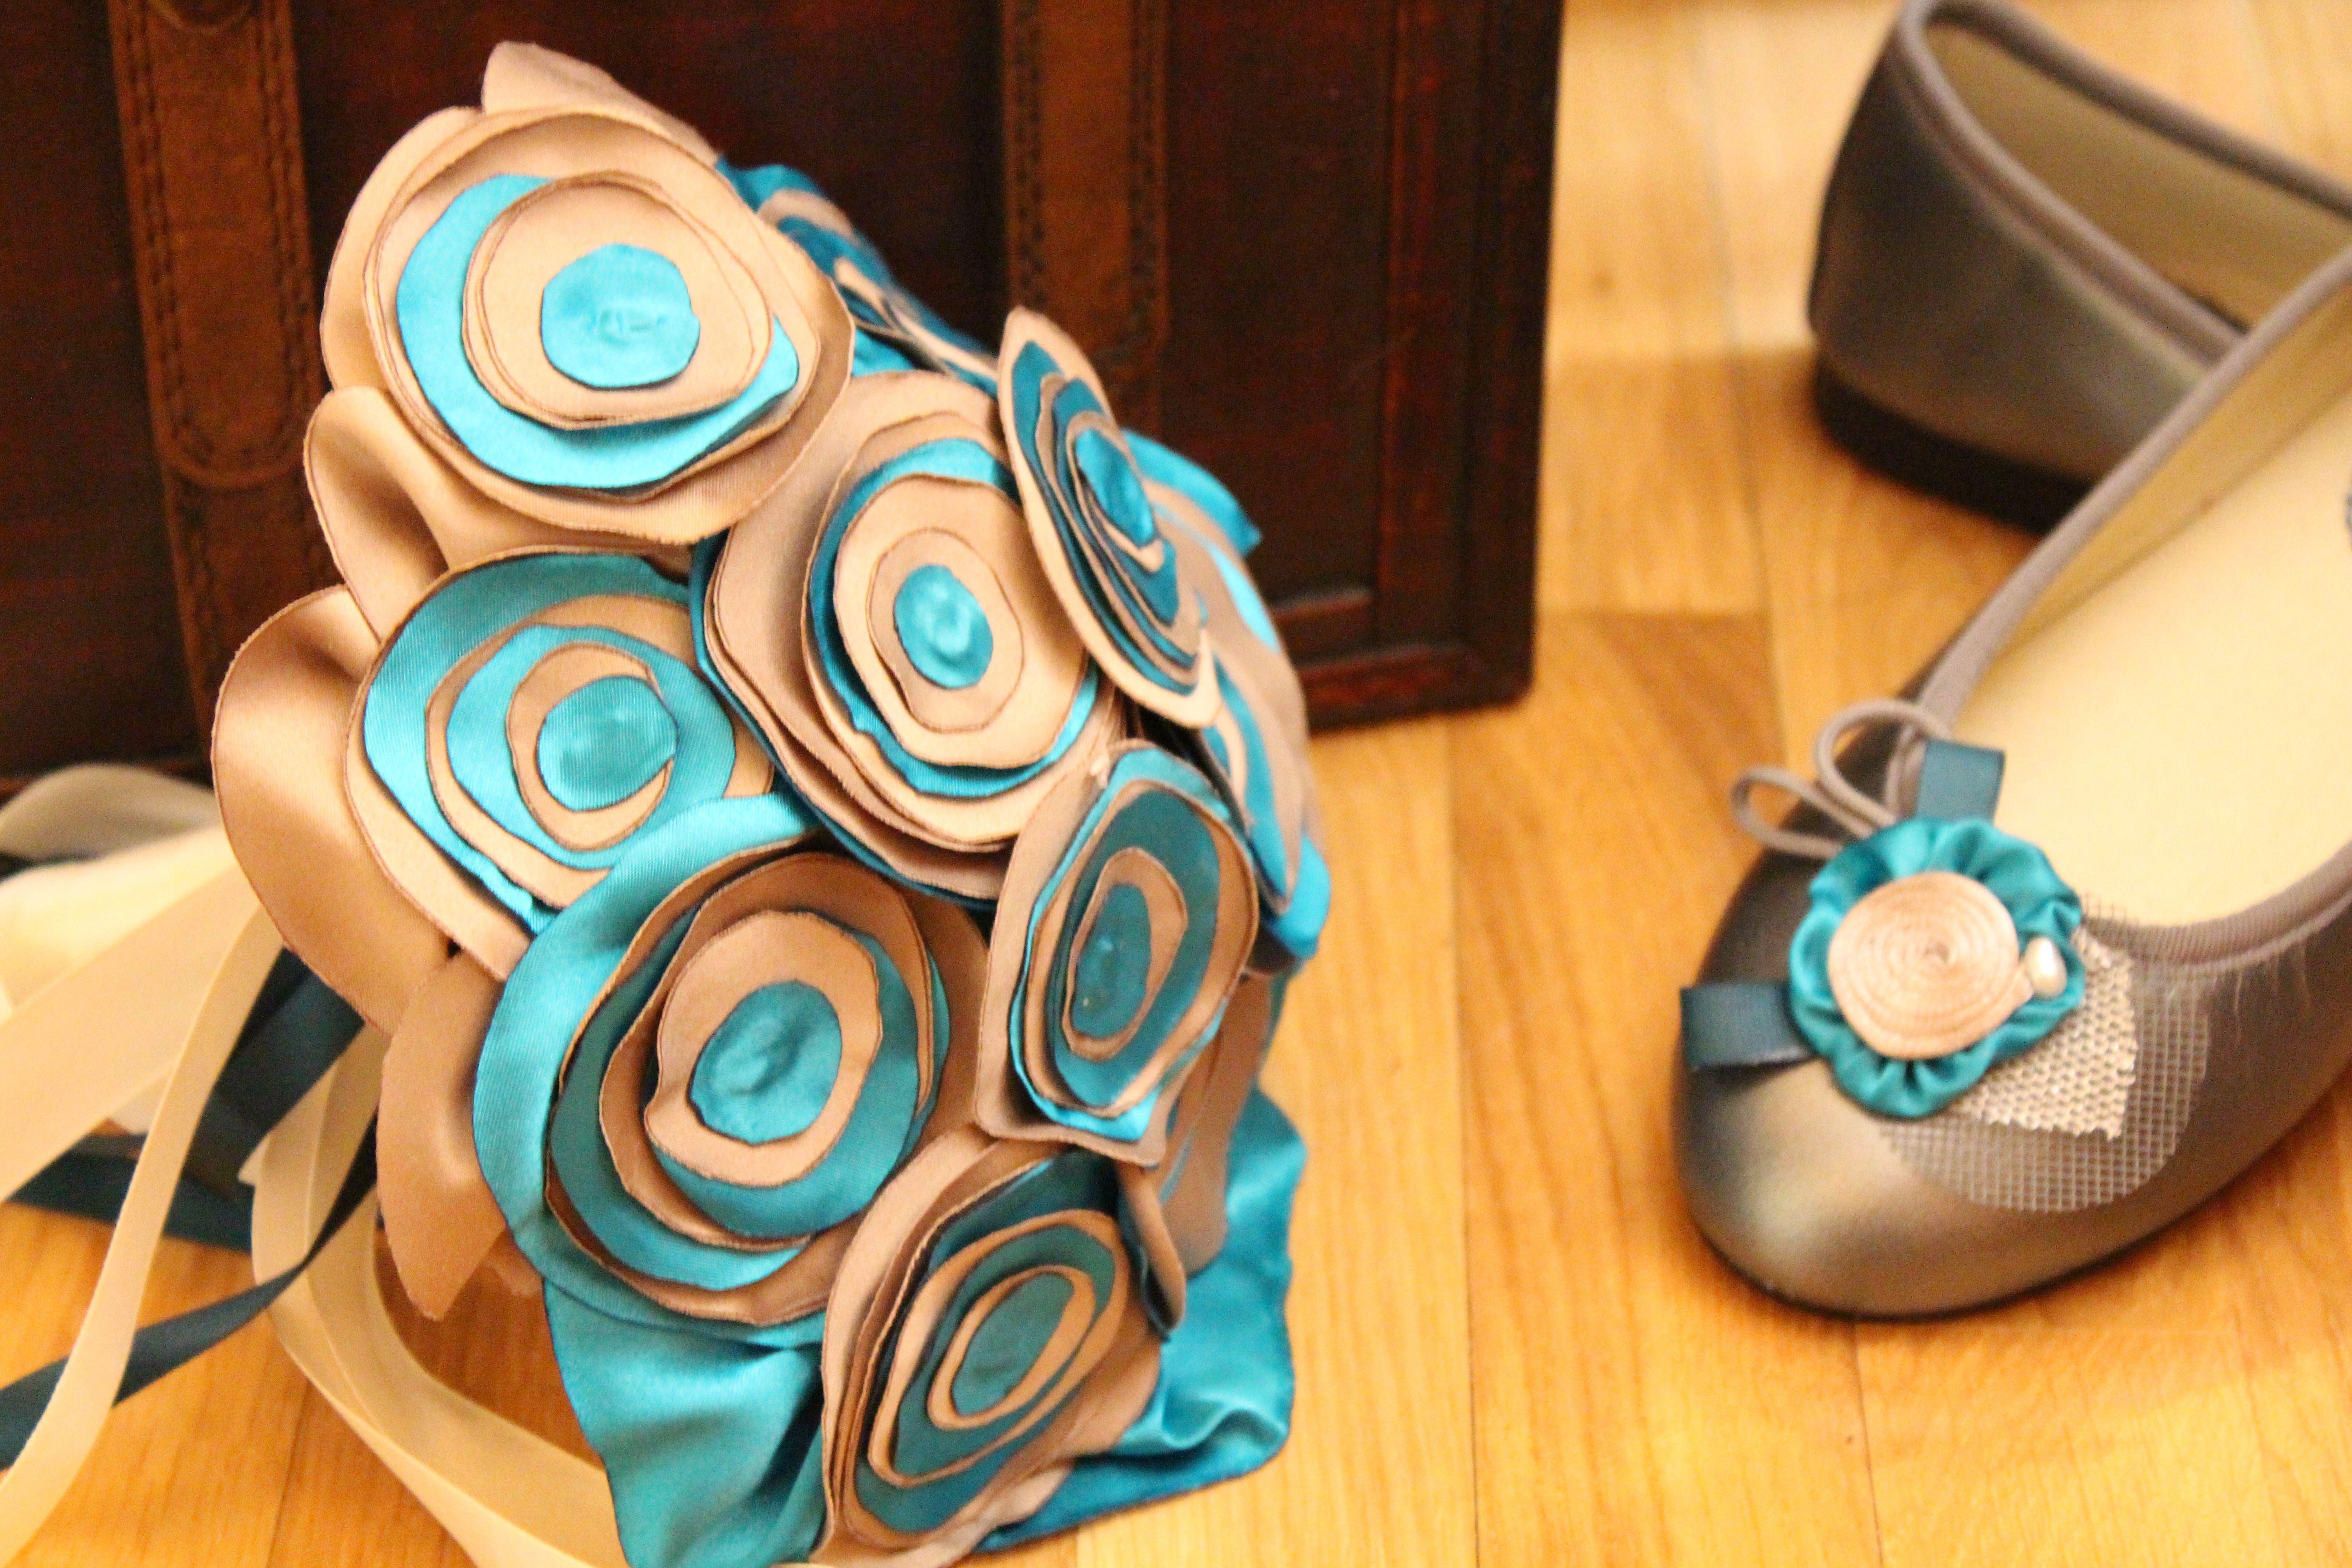 Ramo de flores de tela para novias, pop a juego con tus bailarinas o alpargatas ,turquersa y diferente pra siempre,hecho a mano  www.algodondeluna.com contacto en algodondeluna@gmail.com